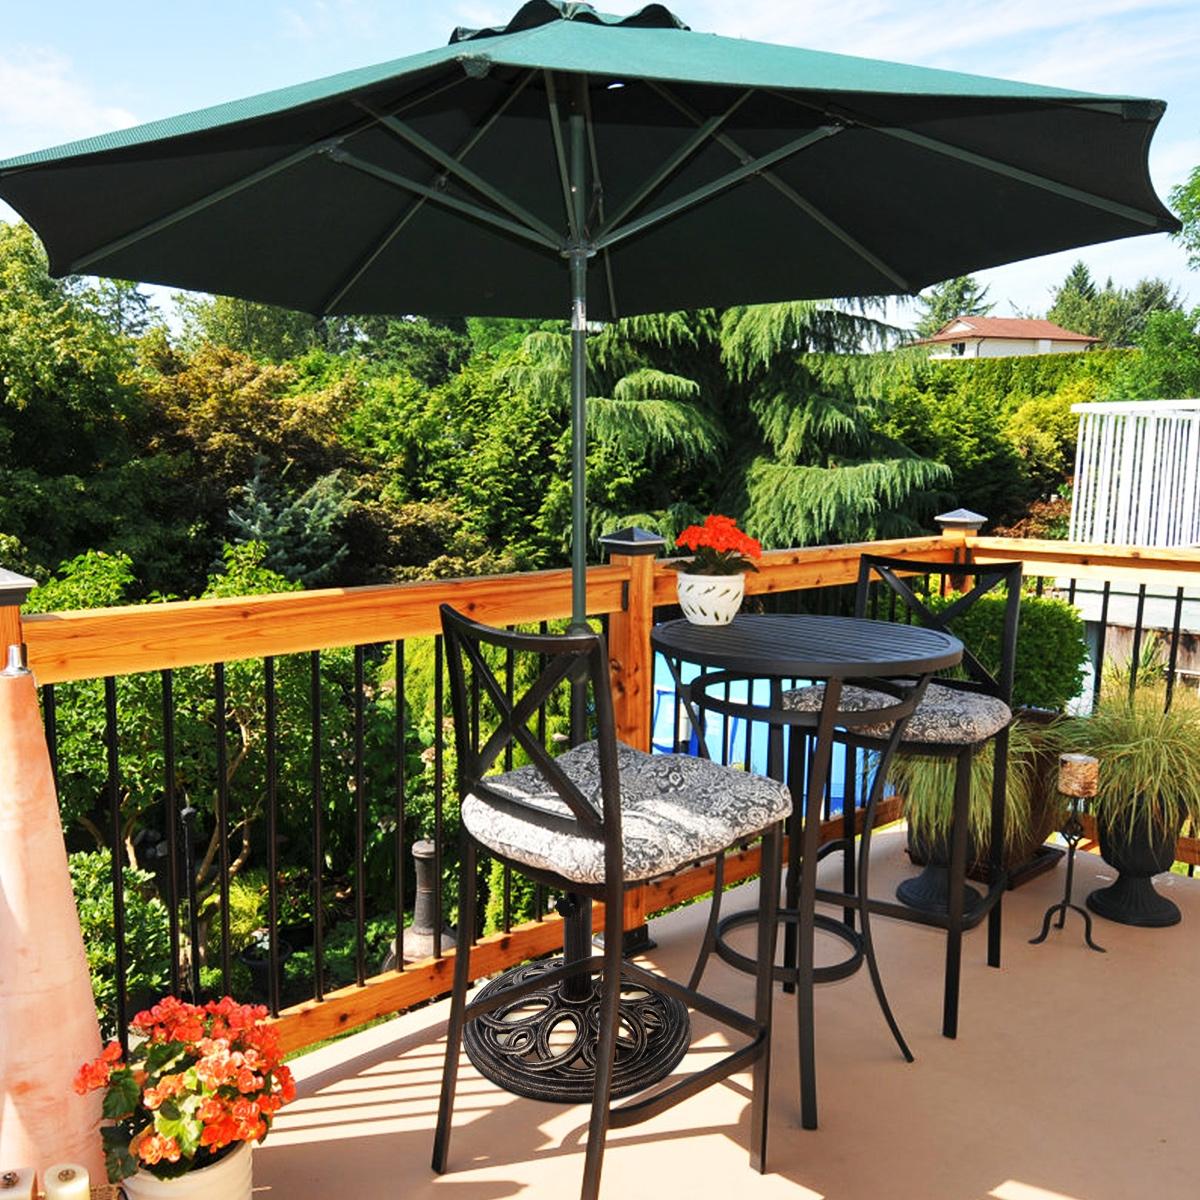 Costway Base per ombrellone per cortile Supporto resistente per ombrellone in ghisa per interno ed esterno